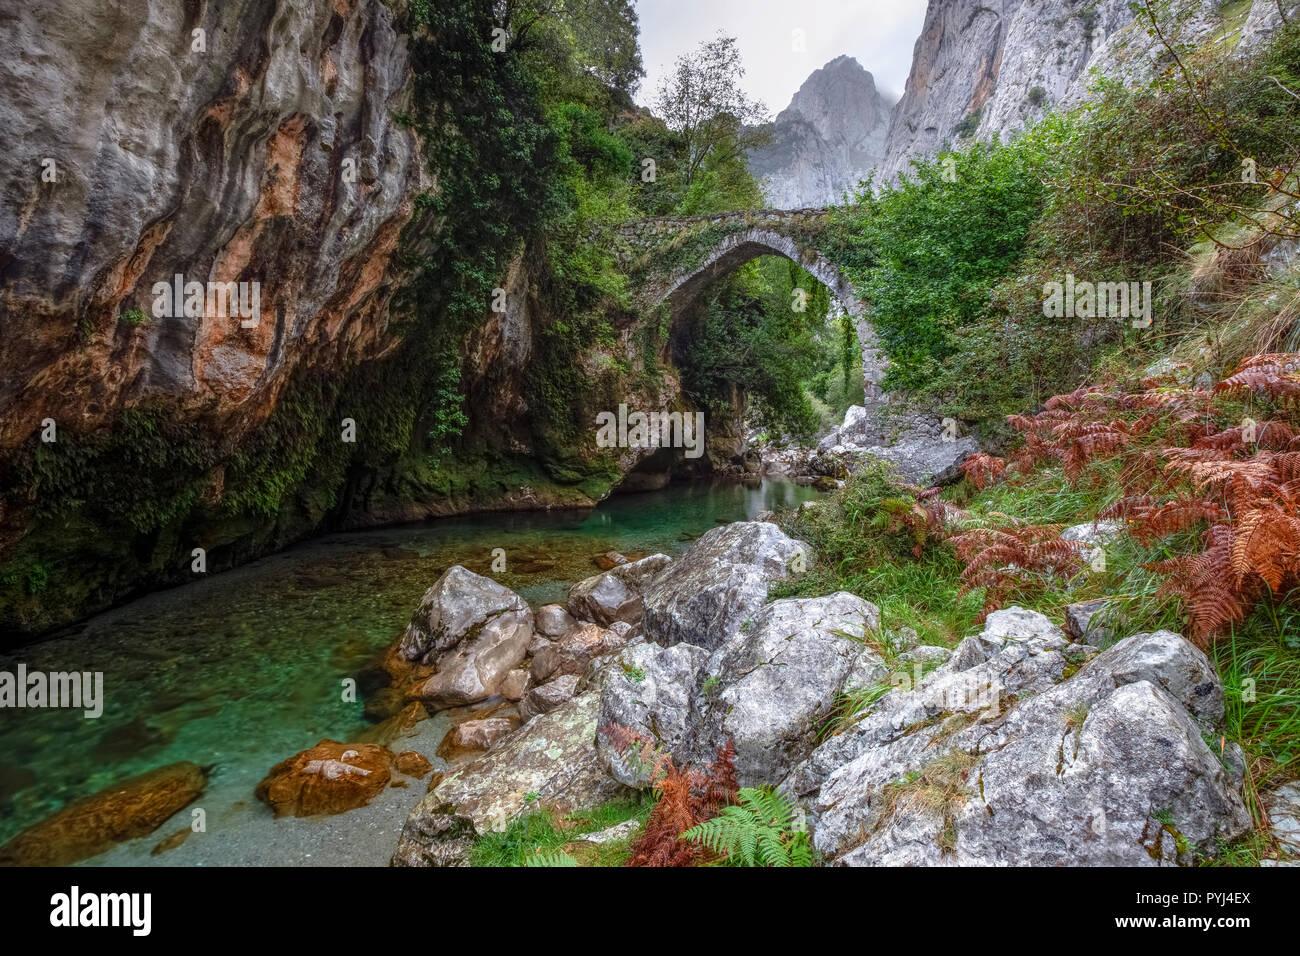 Puente La Jaya, Rio Cares, Picos de Europa, Asturias, Spain, Europe - Stock Image